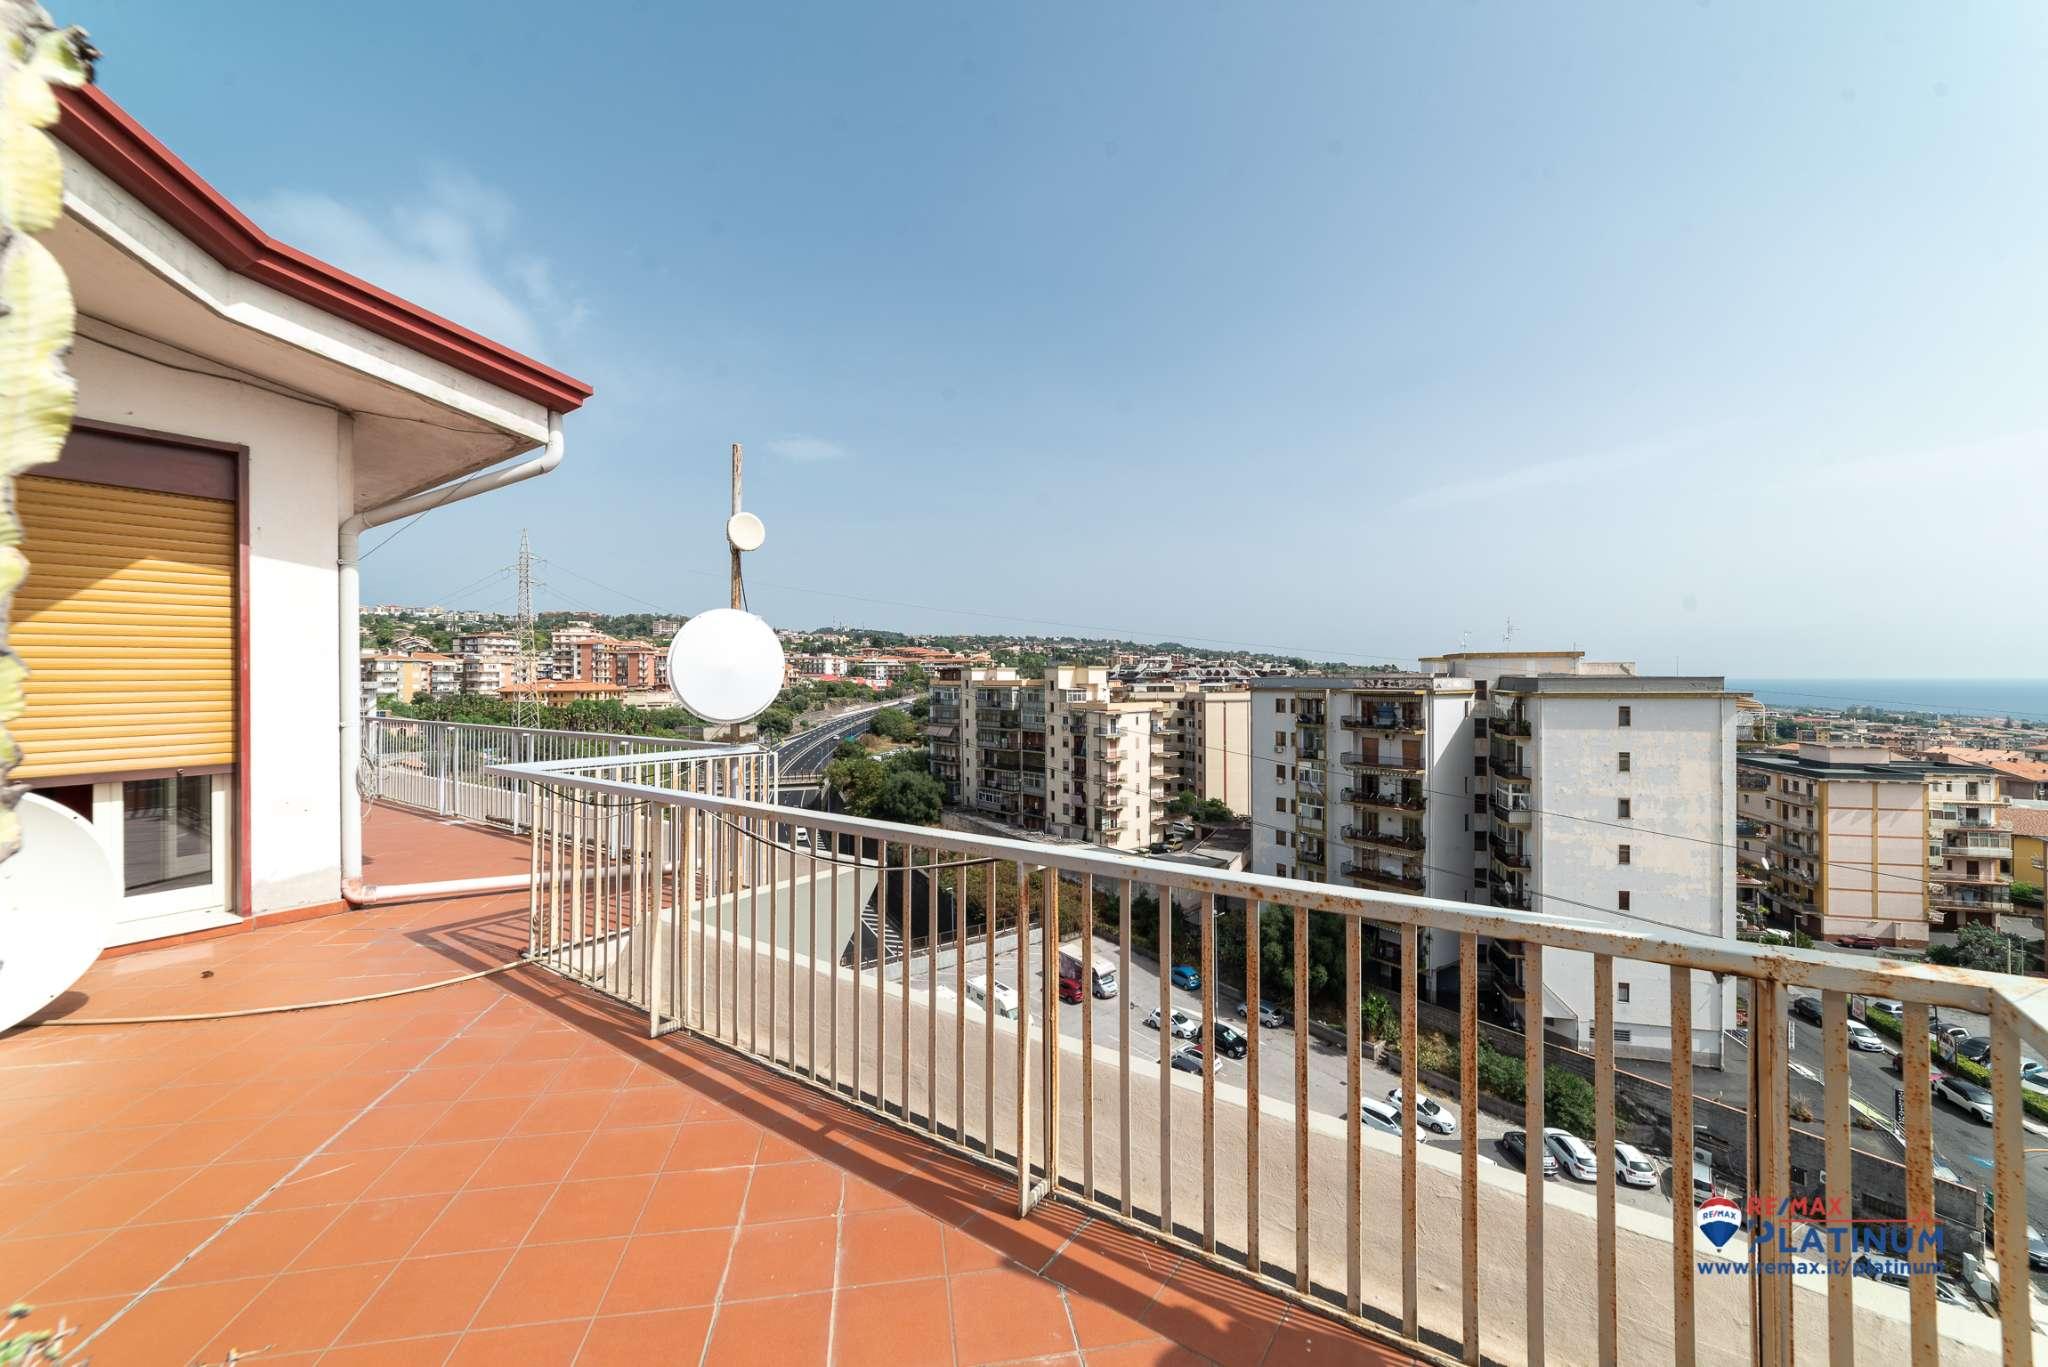 Appartamento in vendita a Tremestieri Etneo, 4 locali, prezzo € 310.000 | PortaleAgenzieImmobiliari.it